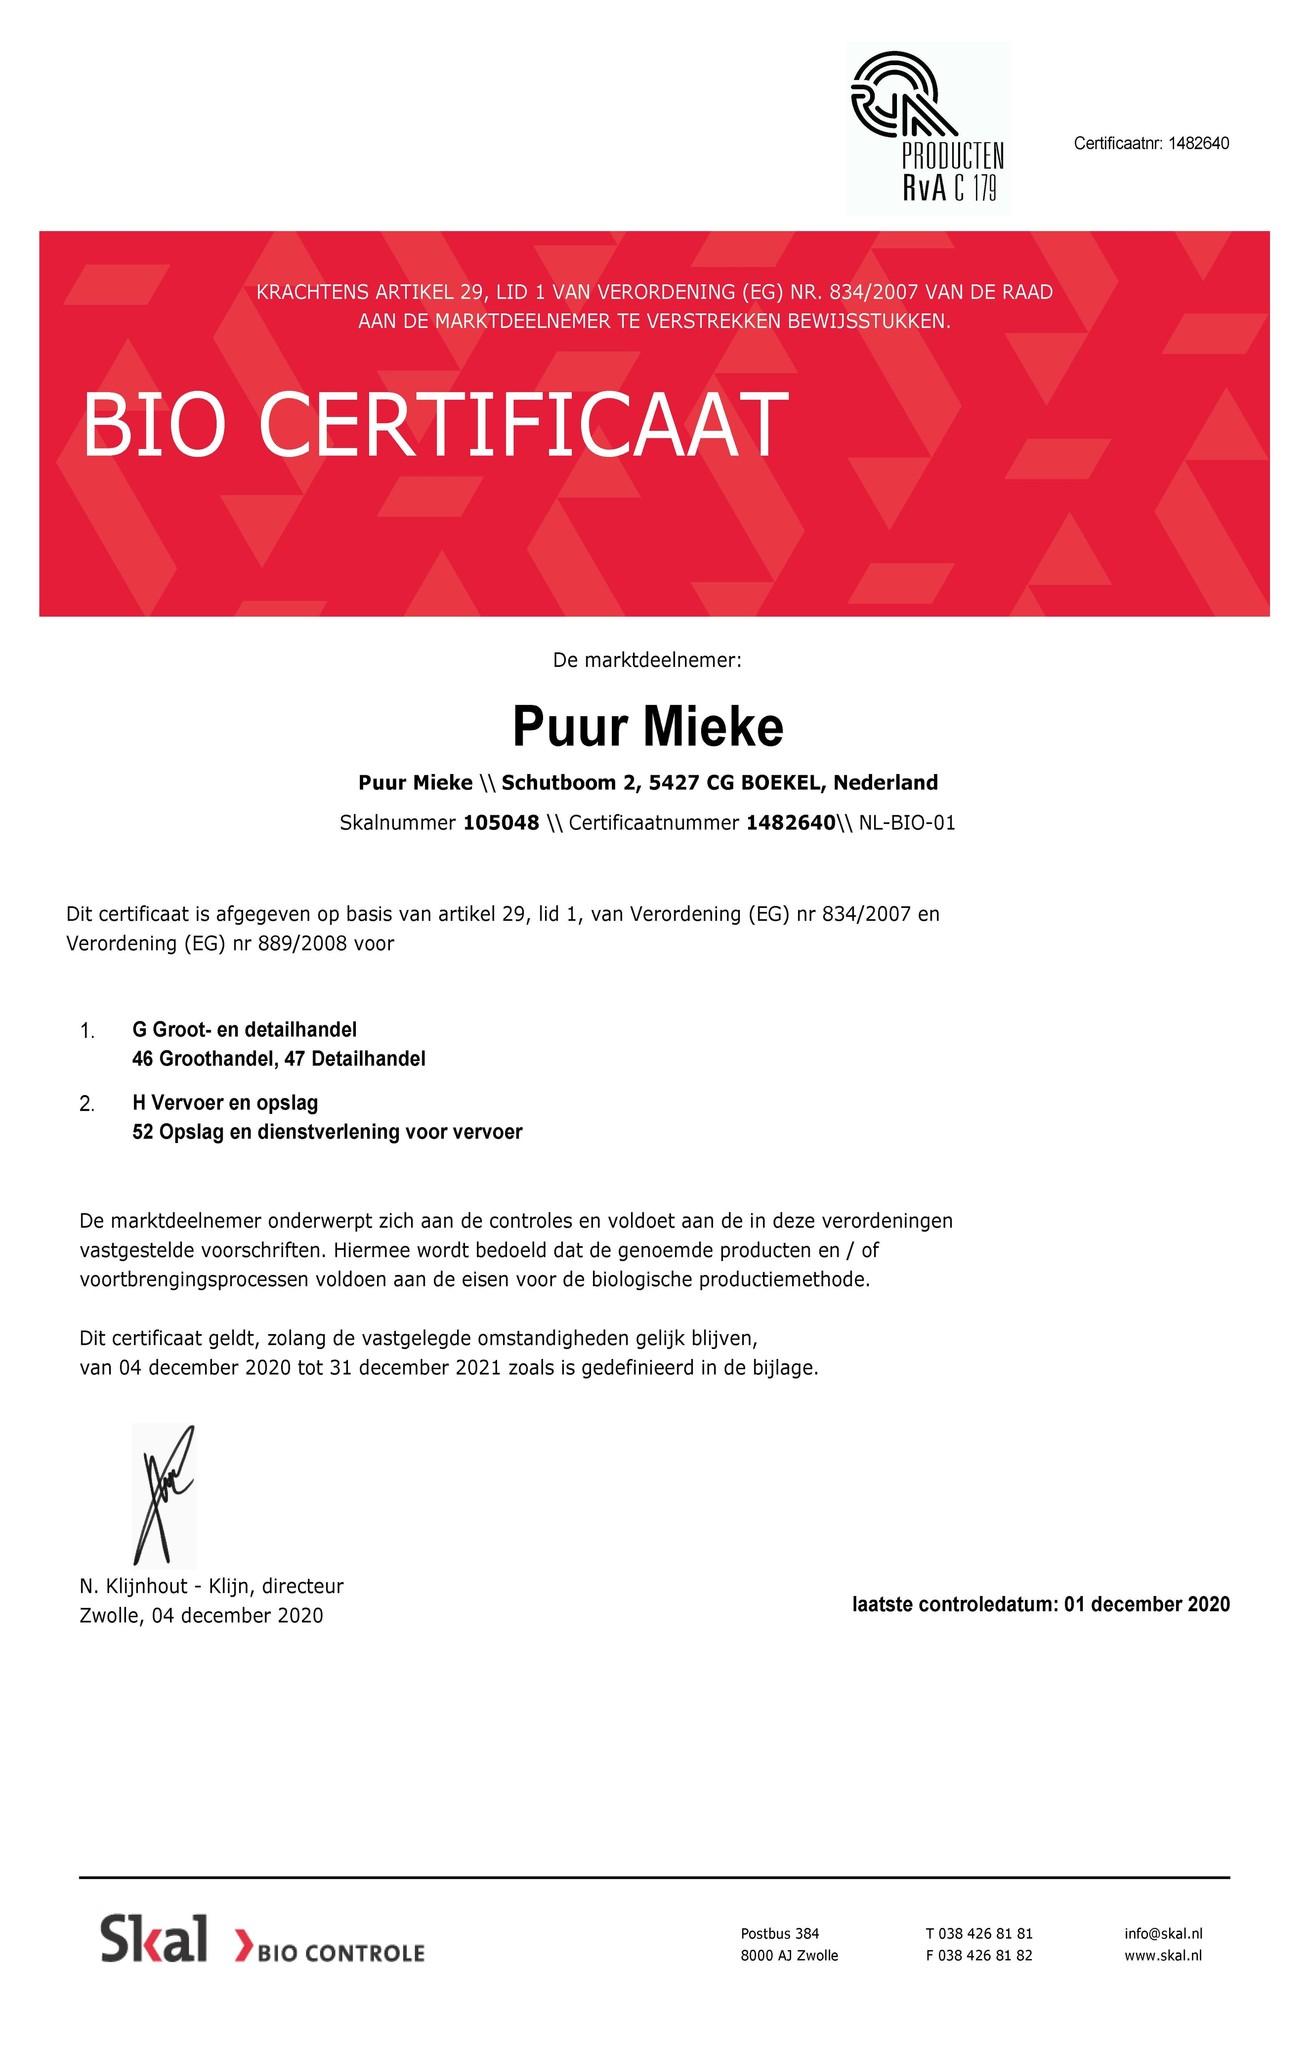 SKAL bio certificaat